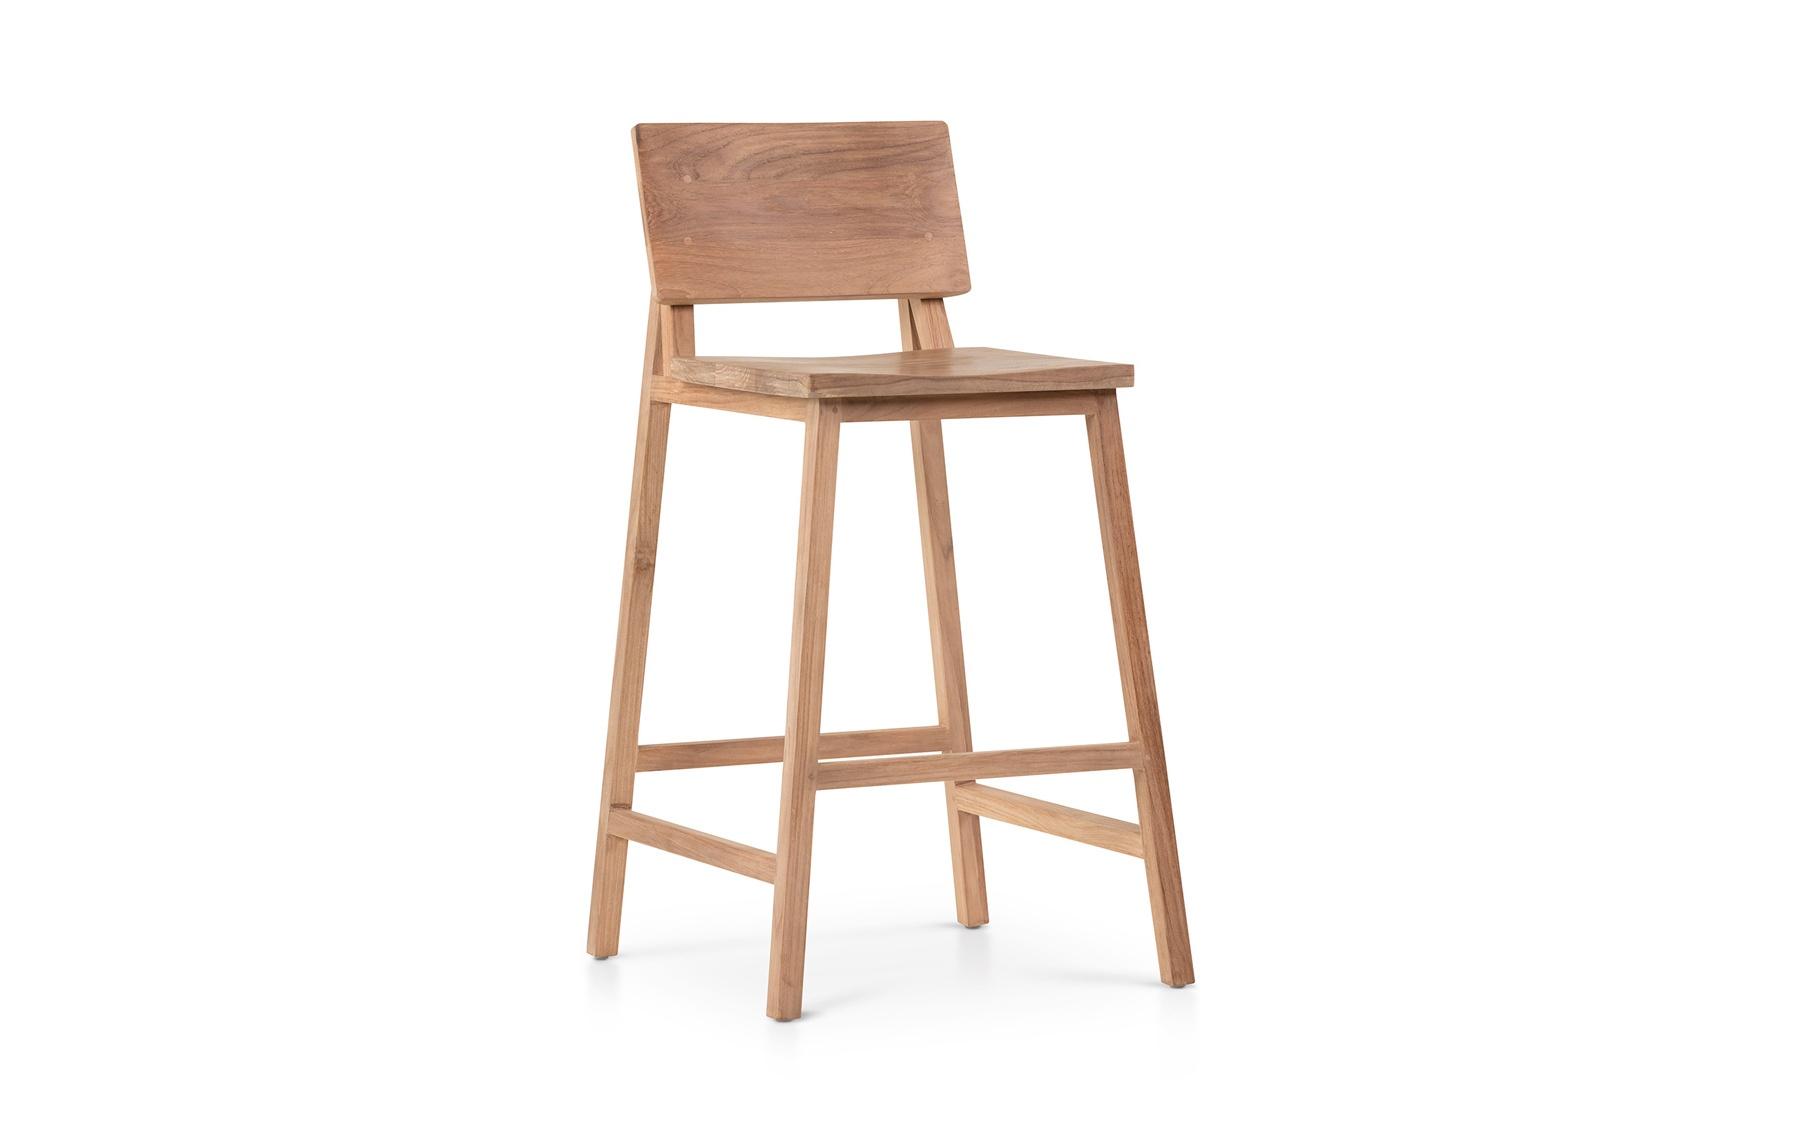 tabouret d340 chaises salles manger la galerie du meuble. Black Bedroom Furniture Sets. Home Design Ideas